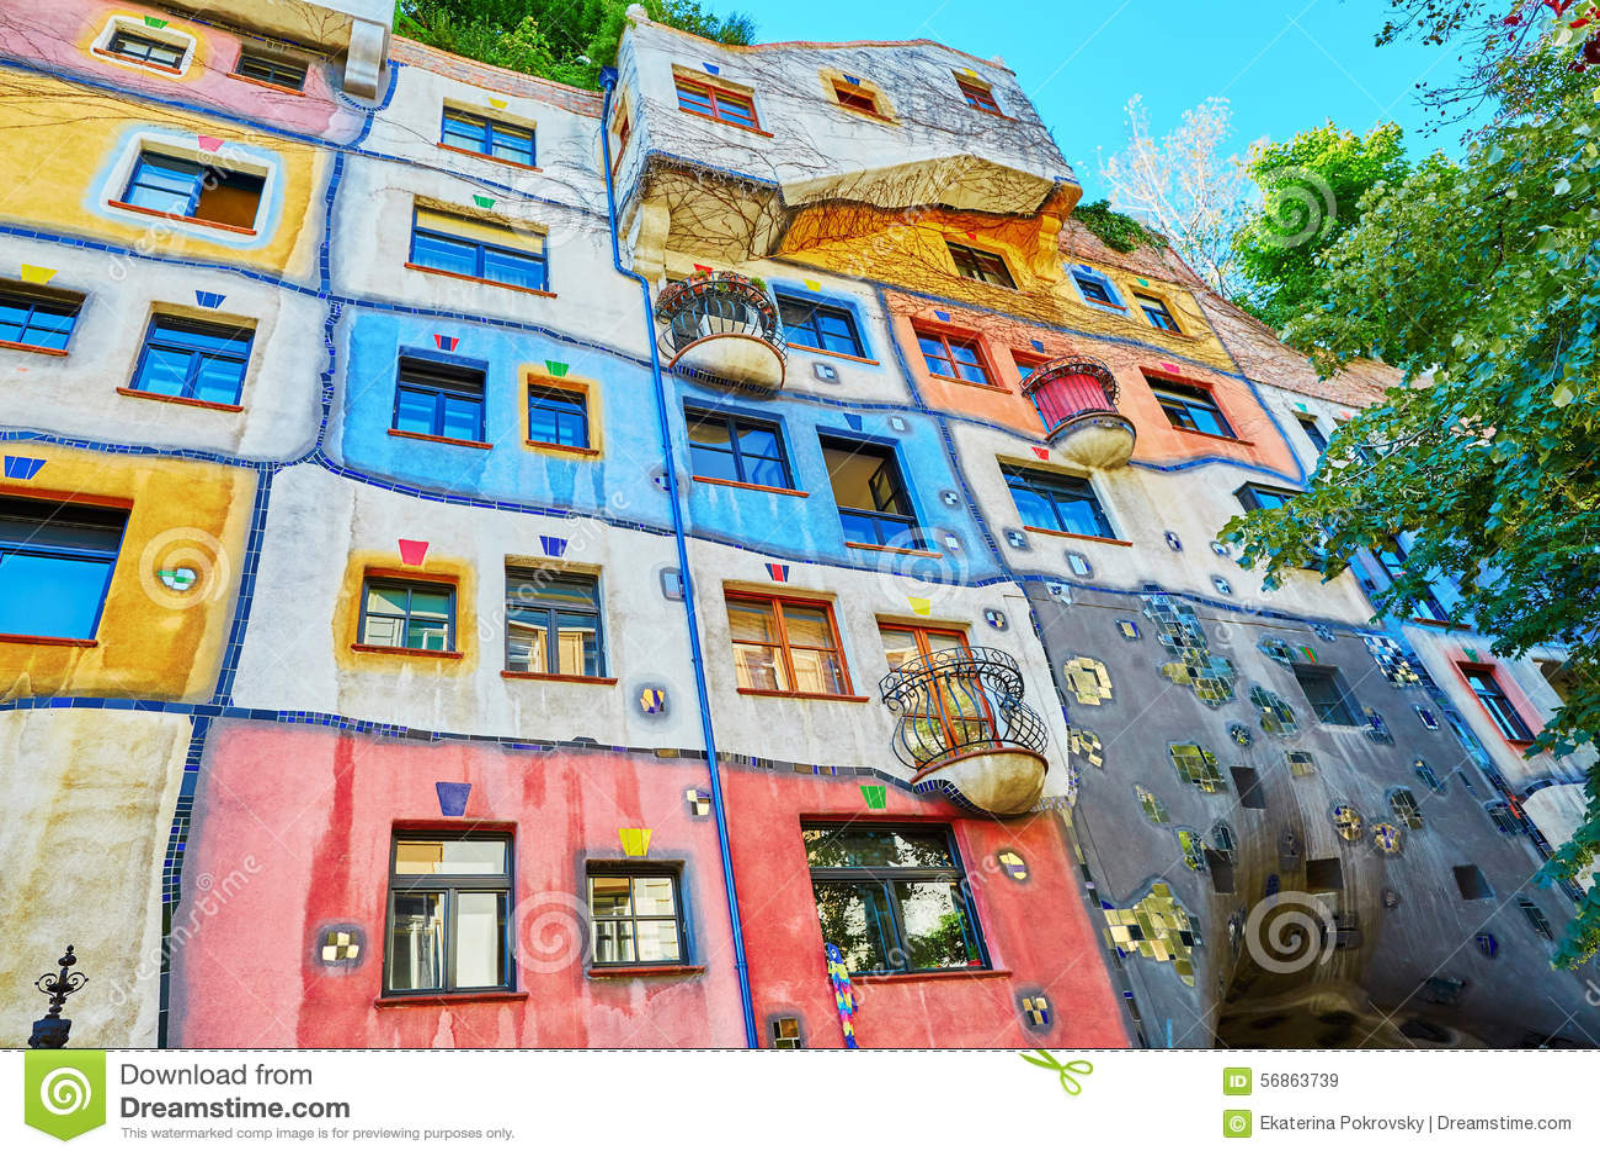 Het huis van hundertwasser in wenen oostenrijk stock afbeelding afbeelding 56863739 - Foto van eigentijds huis ...